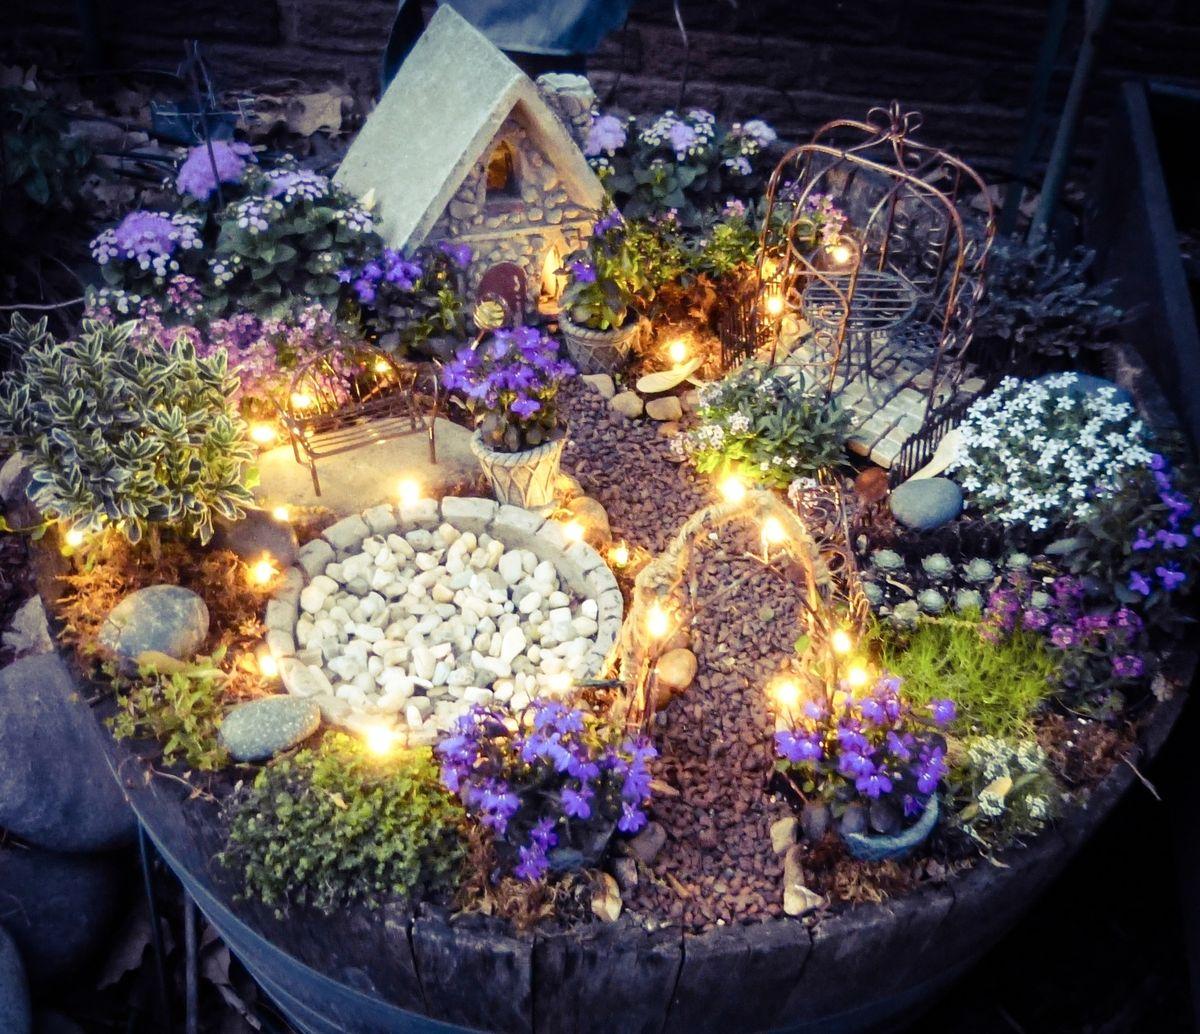 Tempting 2018 Fairy Garden Container Ideas Some Enchanted Evening Diy Miniature Fairy Garden Ideas garden Fairy Garden Container Ideas